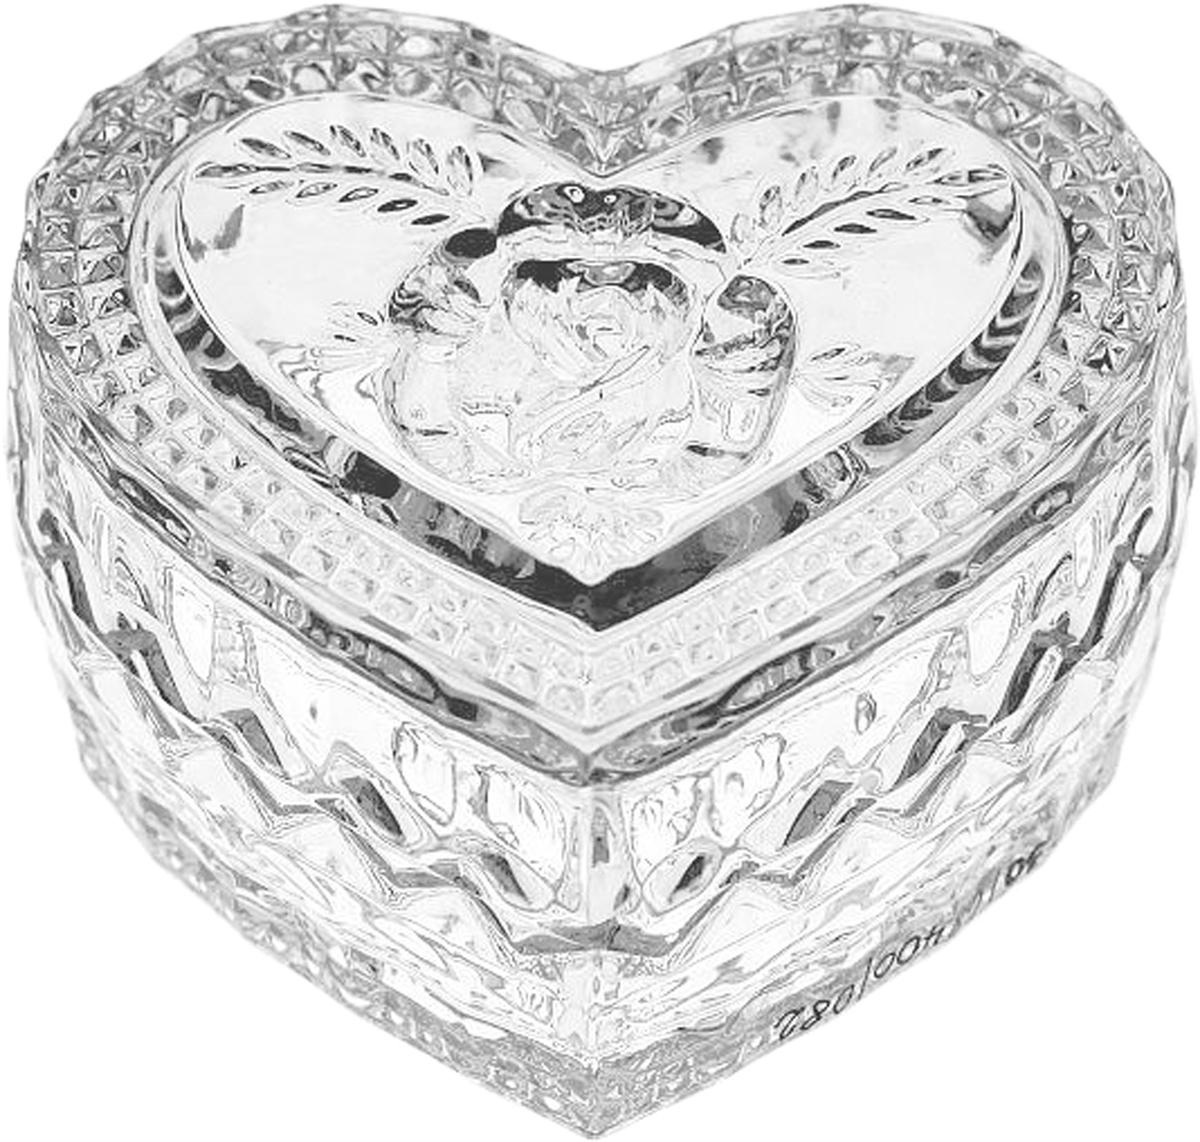 Менажница Crystal Bohemia Сердце, 8,2 см. БПХ171990/54730/1/68400/082-109Настоящий чешский хрусталь с содержанием оксида свинца 24%, что придает изделиям поразительную прозрачность и чистоту, невероятный блеск, присущий только ювелирным изделиям, особое, ни с чем не сравнимое светопреломление и игру всеми красками спектра как при естественном, так и при искуственном освещении. Продукция из Хрусталя соответствуют всем европейским и российским стандартам качества и безопасности. Традиции чешских мастеров передаются из поколения в поколение. А высокая художаственная ценность иделий признана искушенными ценителями во всем мире. Продукция из Хрусталя соответствуют всем европейским и российским стандартам качества и безопасности.